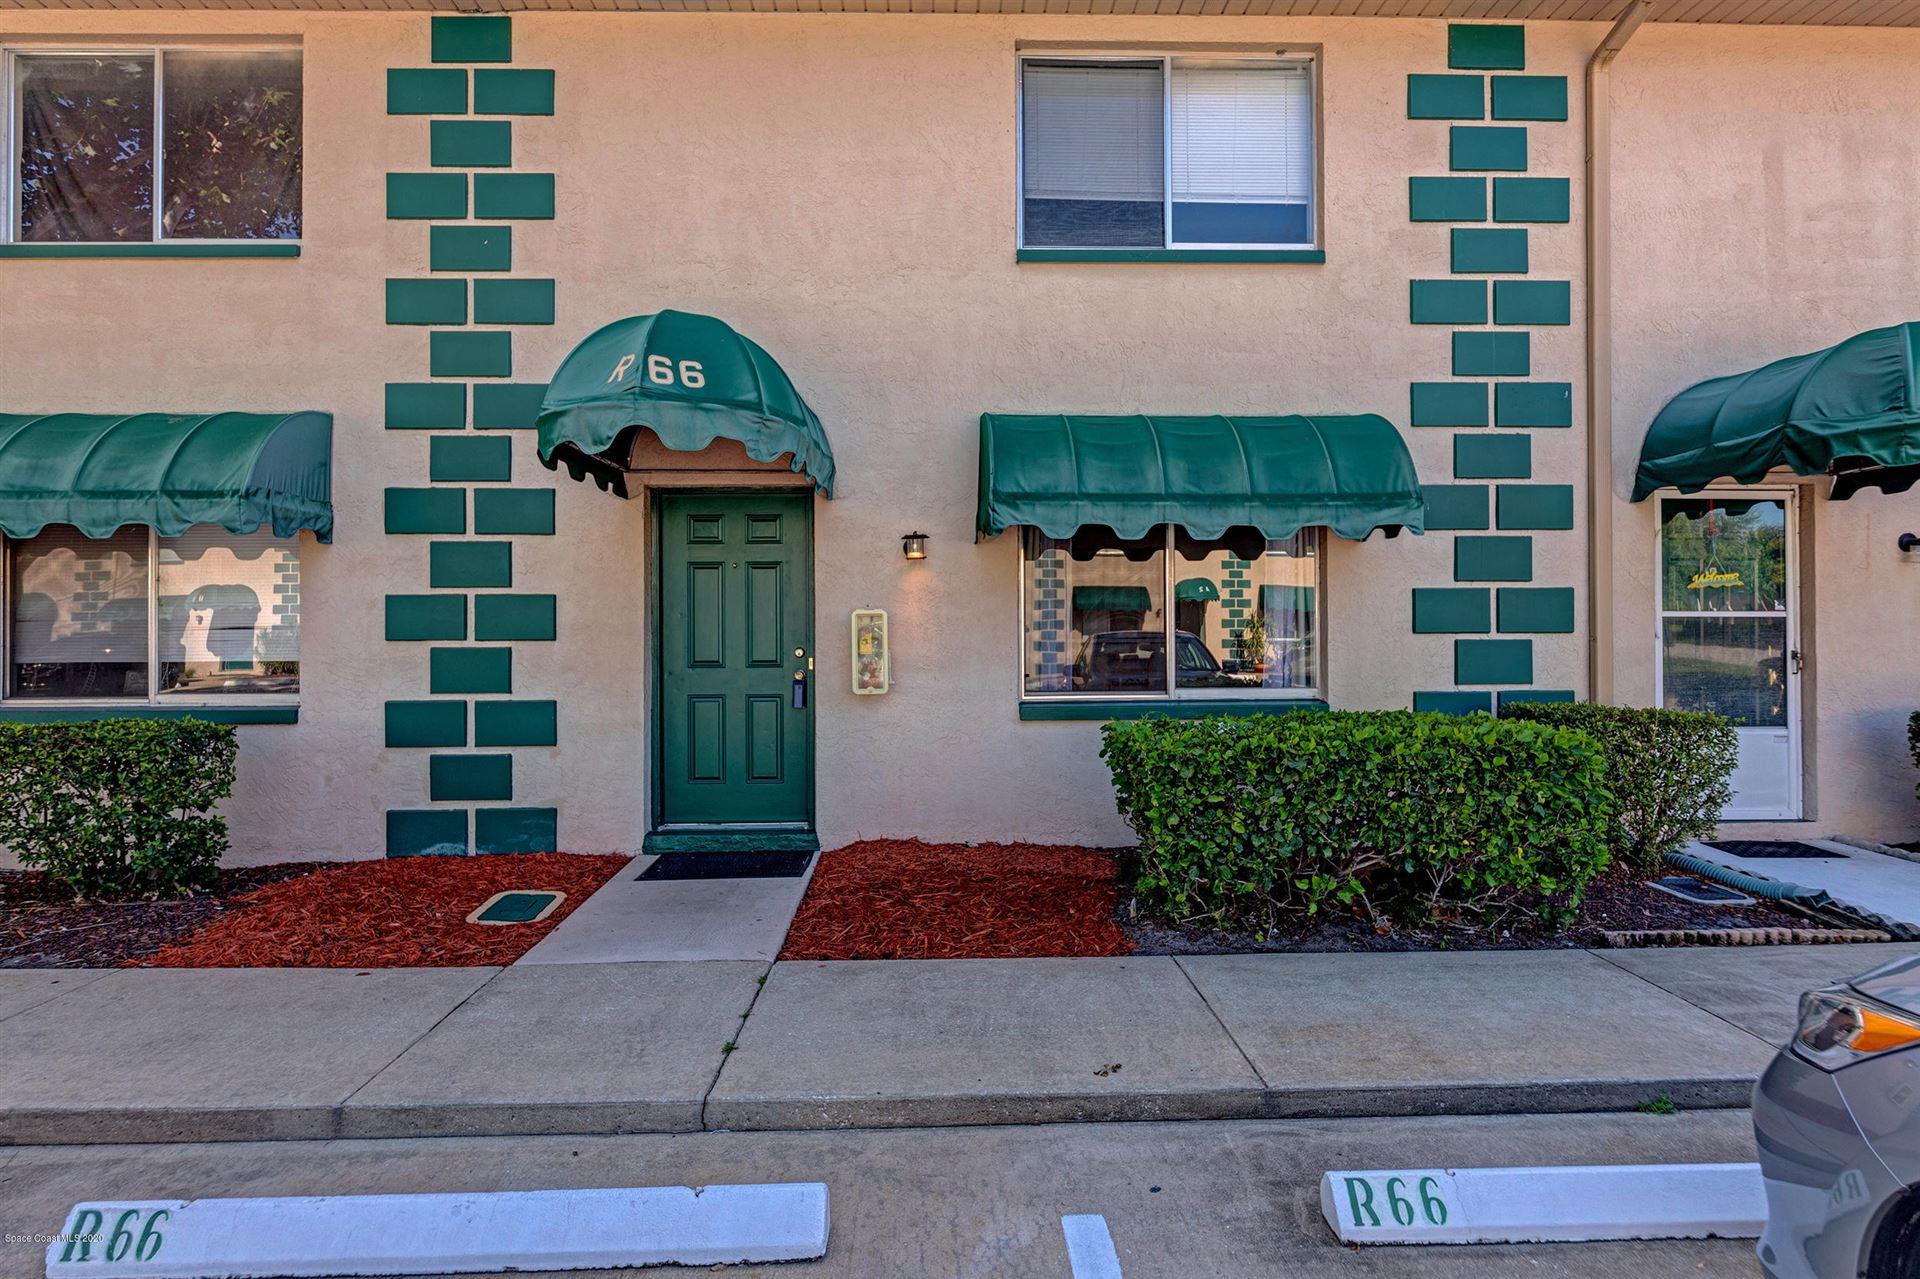 1880 Murrell Road #66, Rockledge, FL 32955 - #: 884337